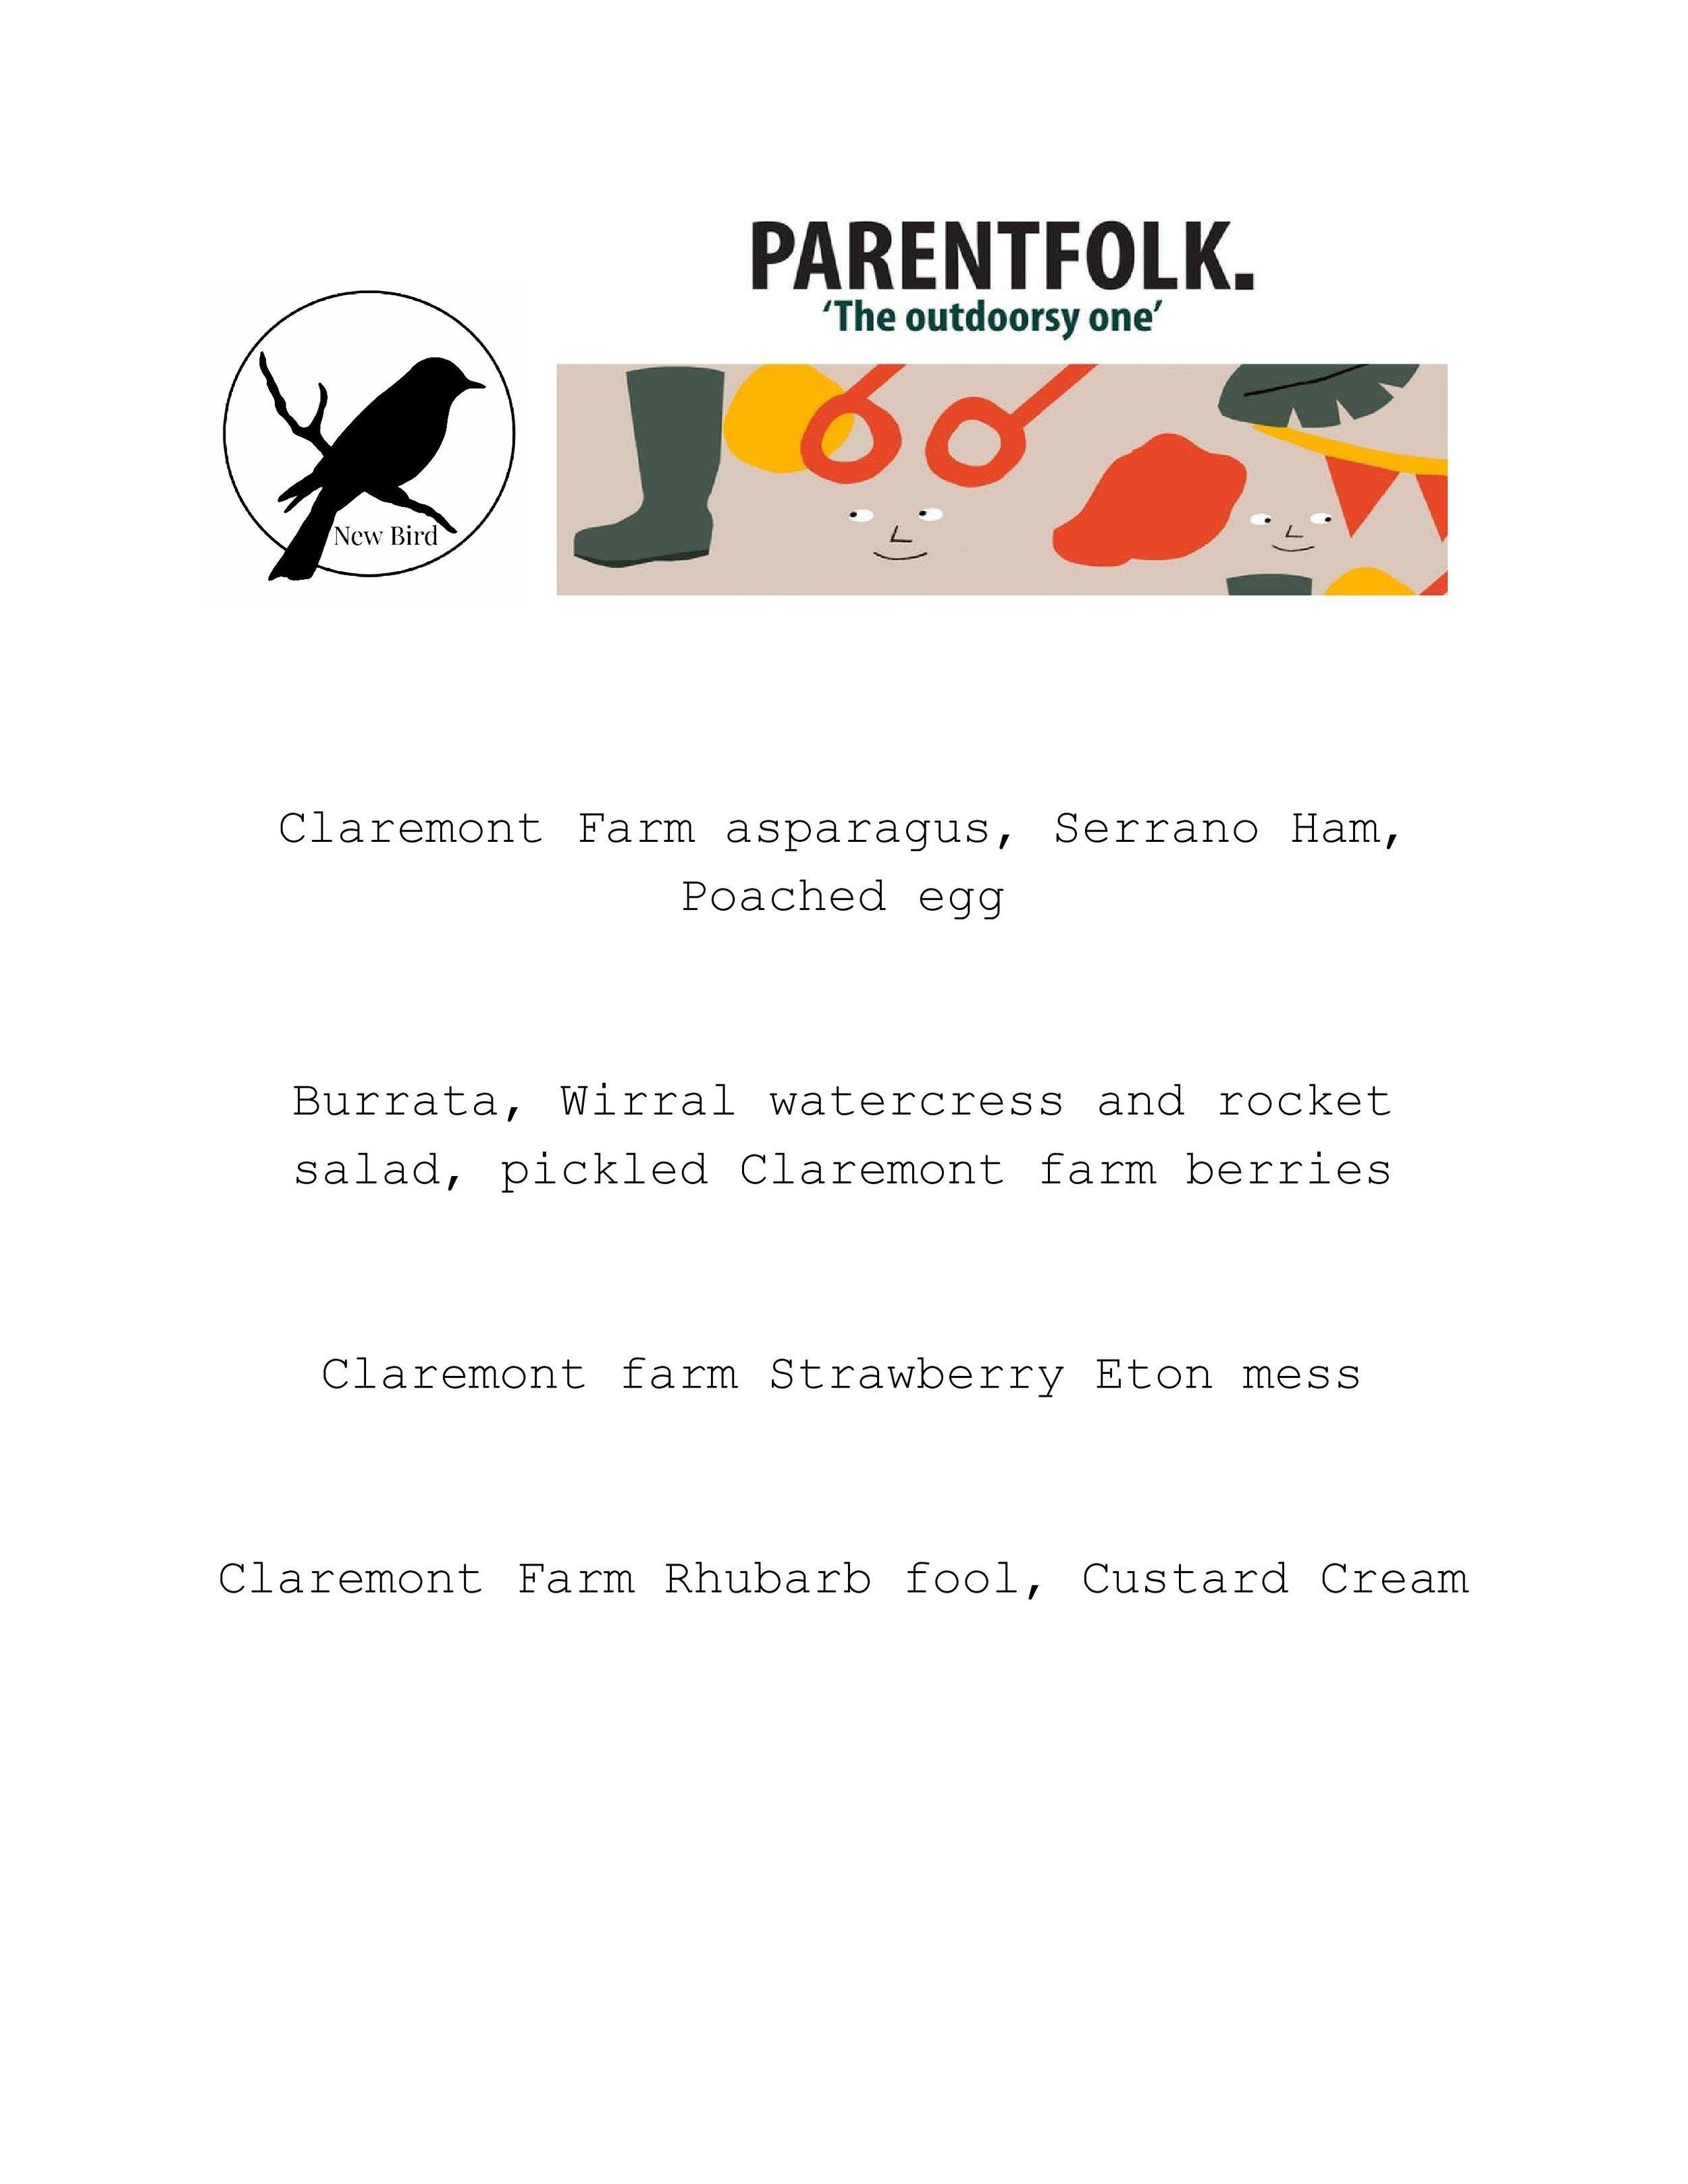 Parentfolk weekender sample menu-page-001.jpg